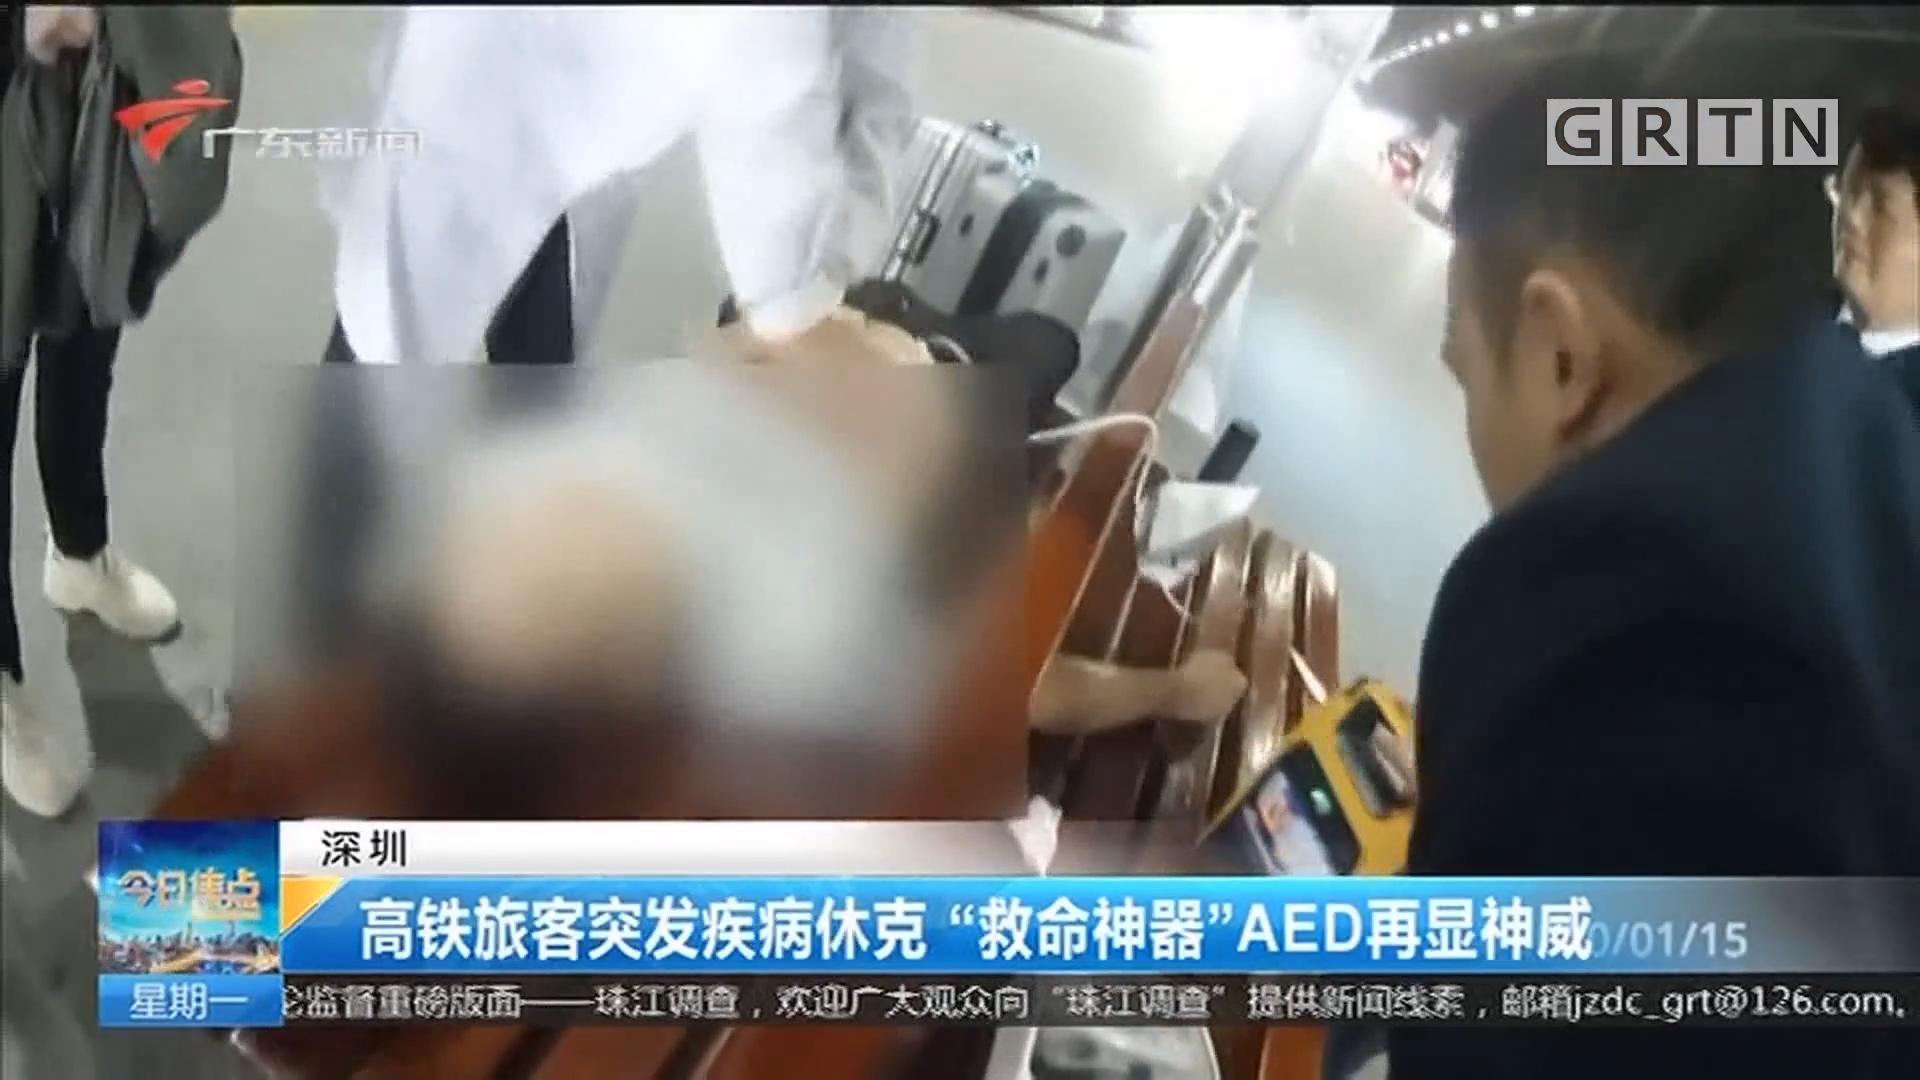 """深圳:高铁旅客突发疾病休克 """"救命神器""""AED再显神威"""